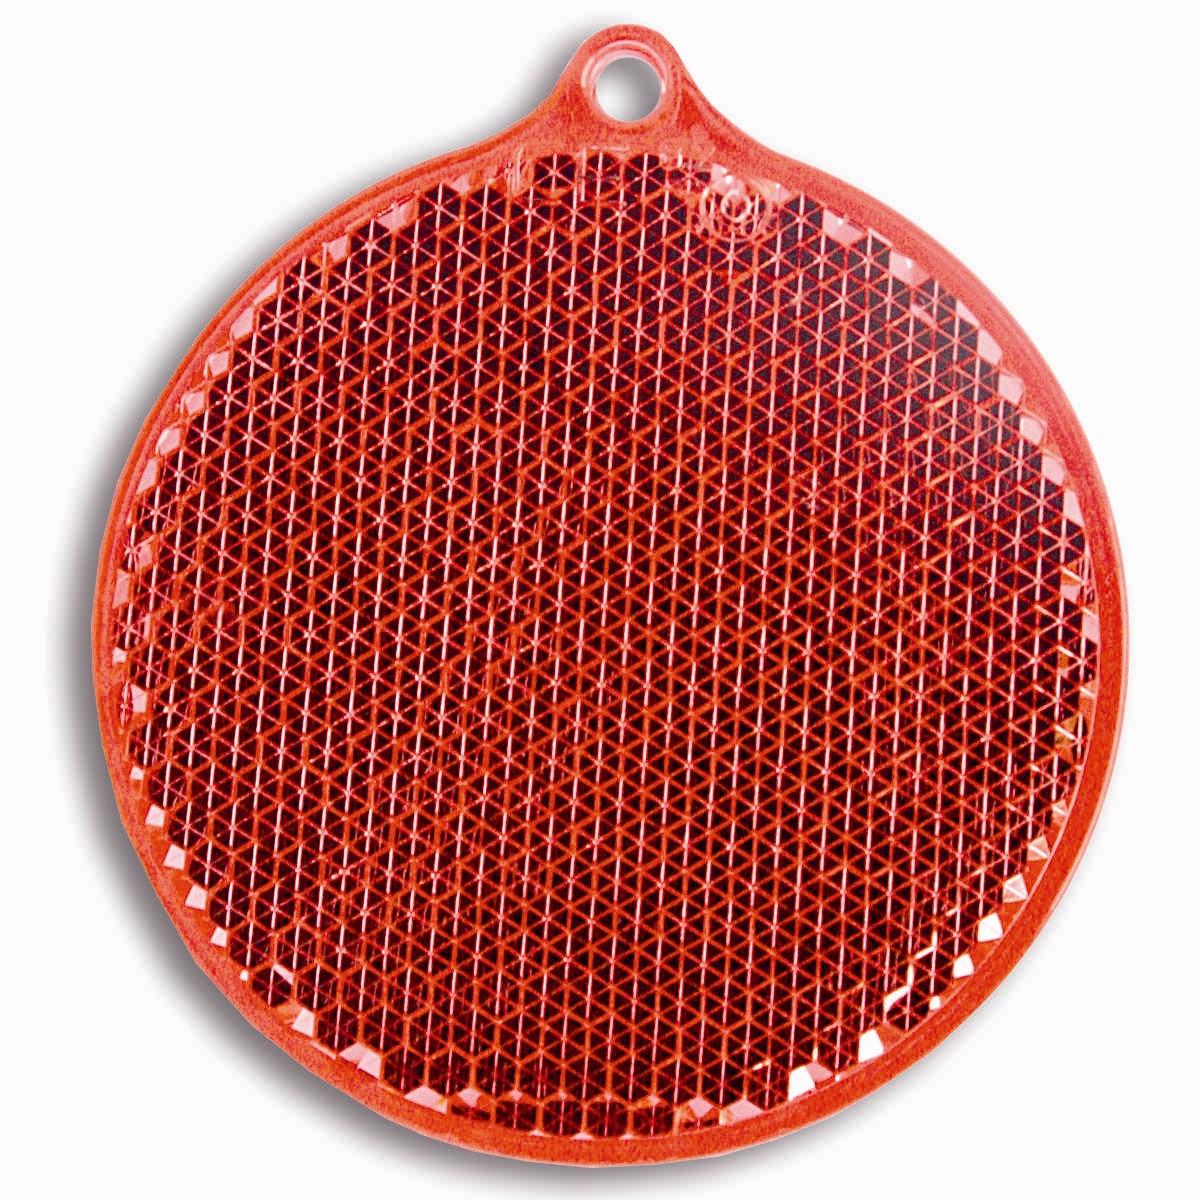 Светоотражатель пешеходный Coreflect Круг, цвет: красныйSC-FD421005Пешеходный светоотражатель — это серьезное средство безопасности на дороге. Использование светоотражателей позволяет в десятки раз сократить количество ДТП с участием пешеходов в темное время суток. Светоотражатель крепится на одежду и обладает способностью к направленному отражению светового потока. Благодаря такому отражению, водитель может вовремя заметить пешехода в темноте, даже если он стоит или двигается по обочине. А значит, он успеет среагировать и избежит возможного столкновения. С 1 июля 2015 года ношение светоотражателей вне населенных пунктов является обязательным для пешеходов! Мы рекомендуем носить их и в городе! Для безопасности и сохранения жизни!